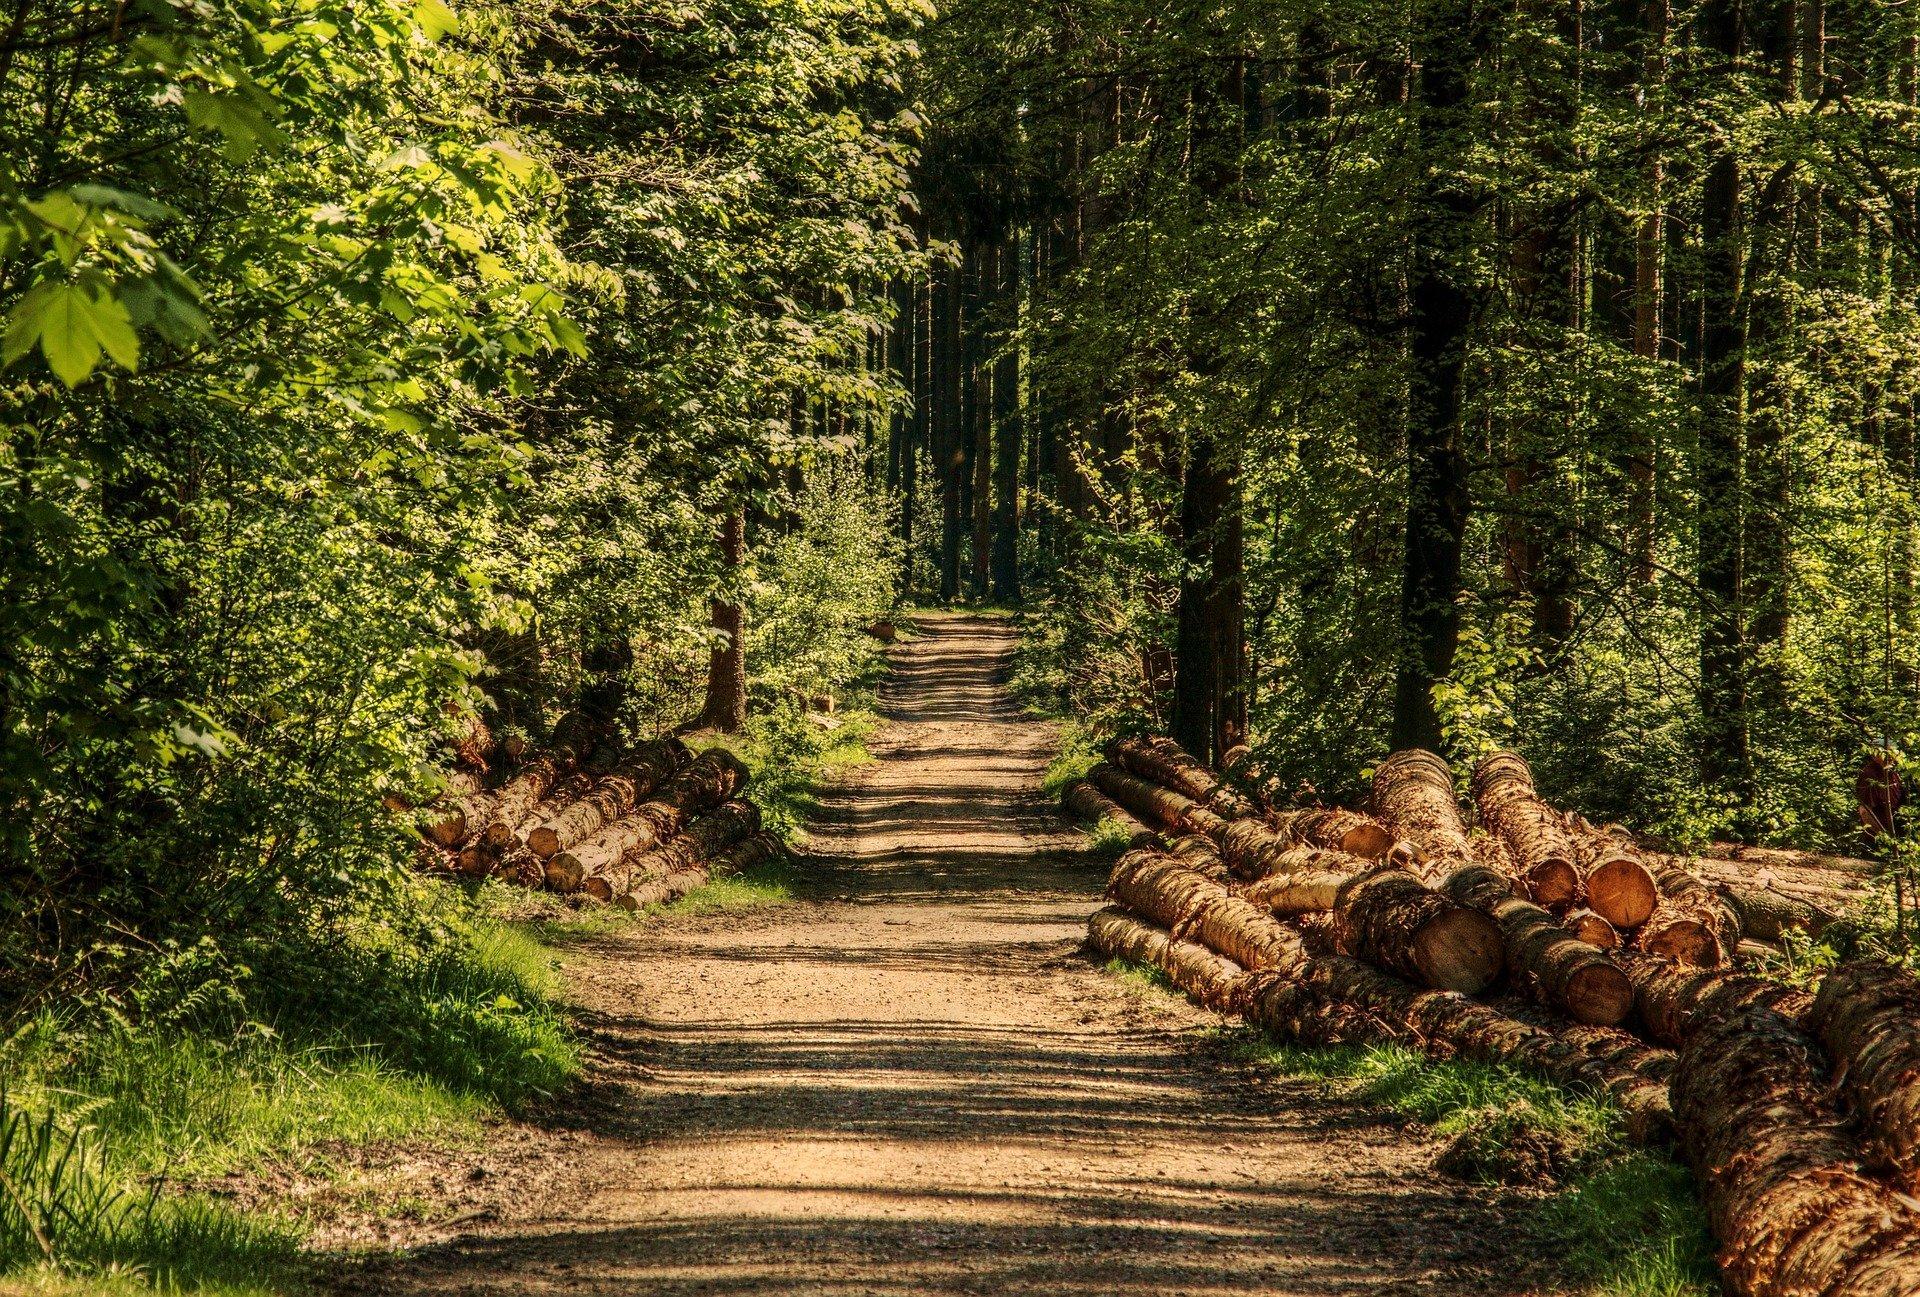 Lees meer over het artikel FSC certificering voor verantwoord bosbeheer